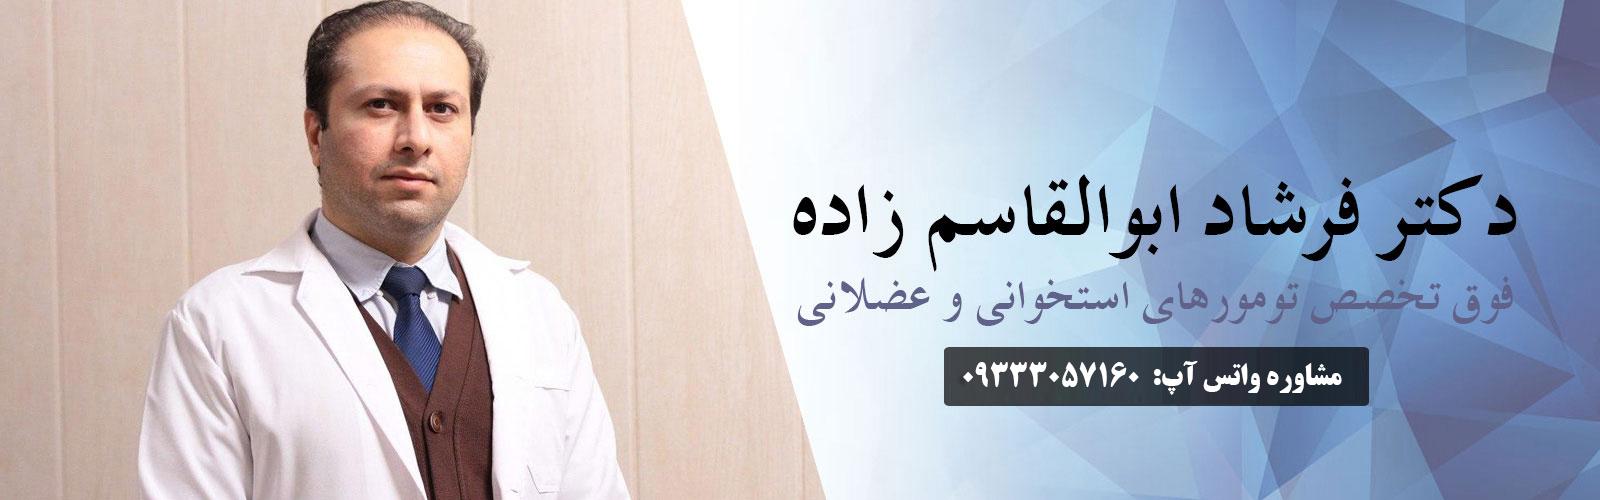 دکتر فرشاد ابوالقاسم زاده